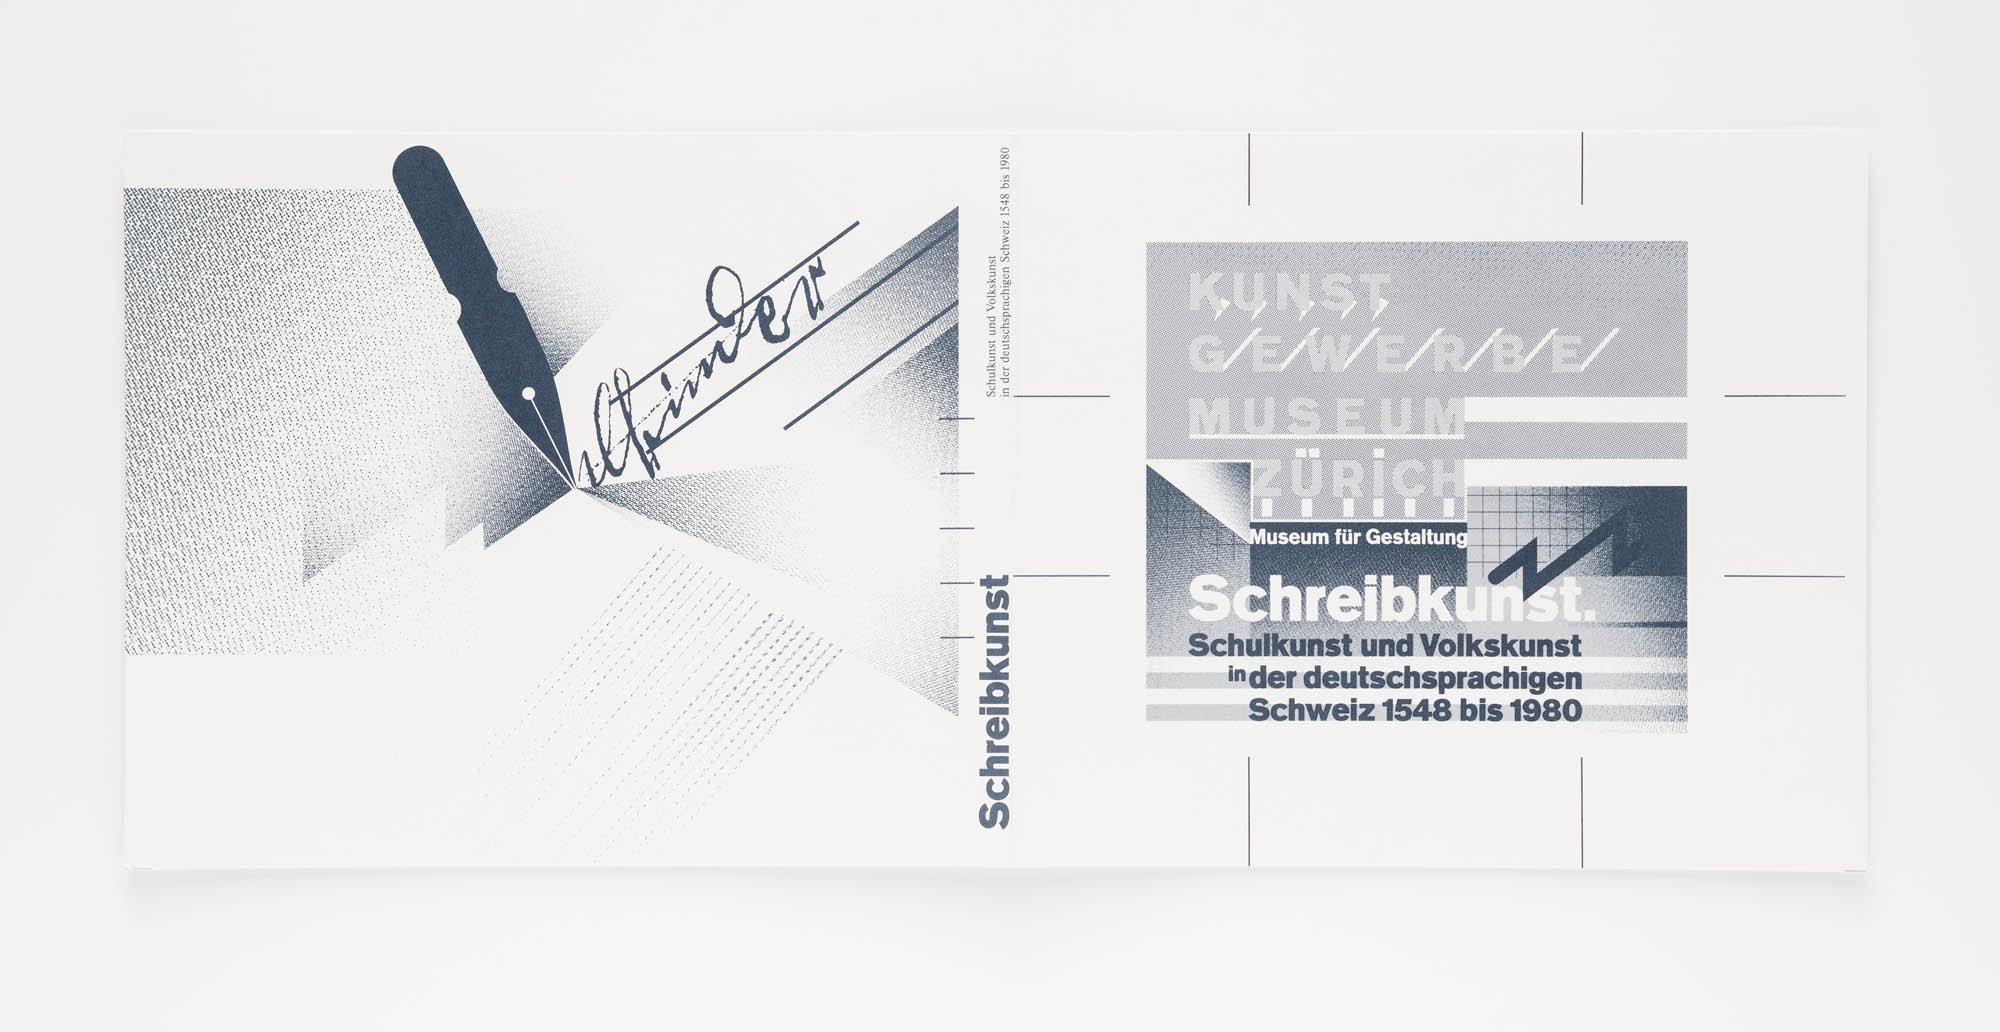 Kunstgewerbemuseum Zürich – Schreibkunst Wolfgang Weingart Plakatentwurf